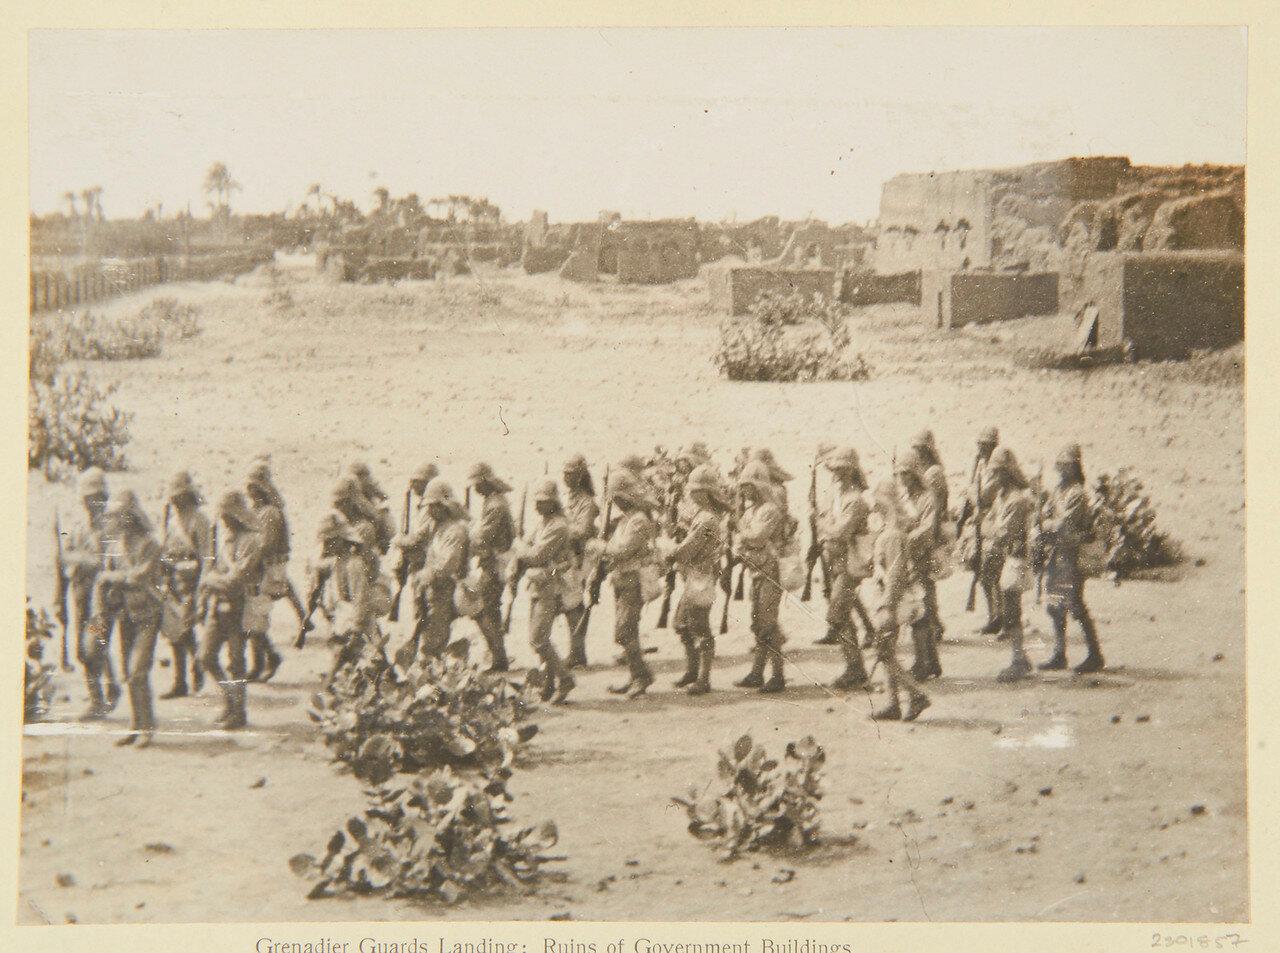 Хартум. 4 сентября. Солдаты Гренадерского гвардейского полка возле руин правительственных зданий